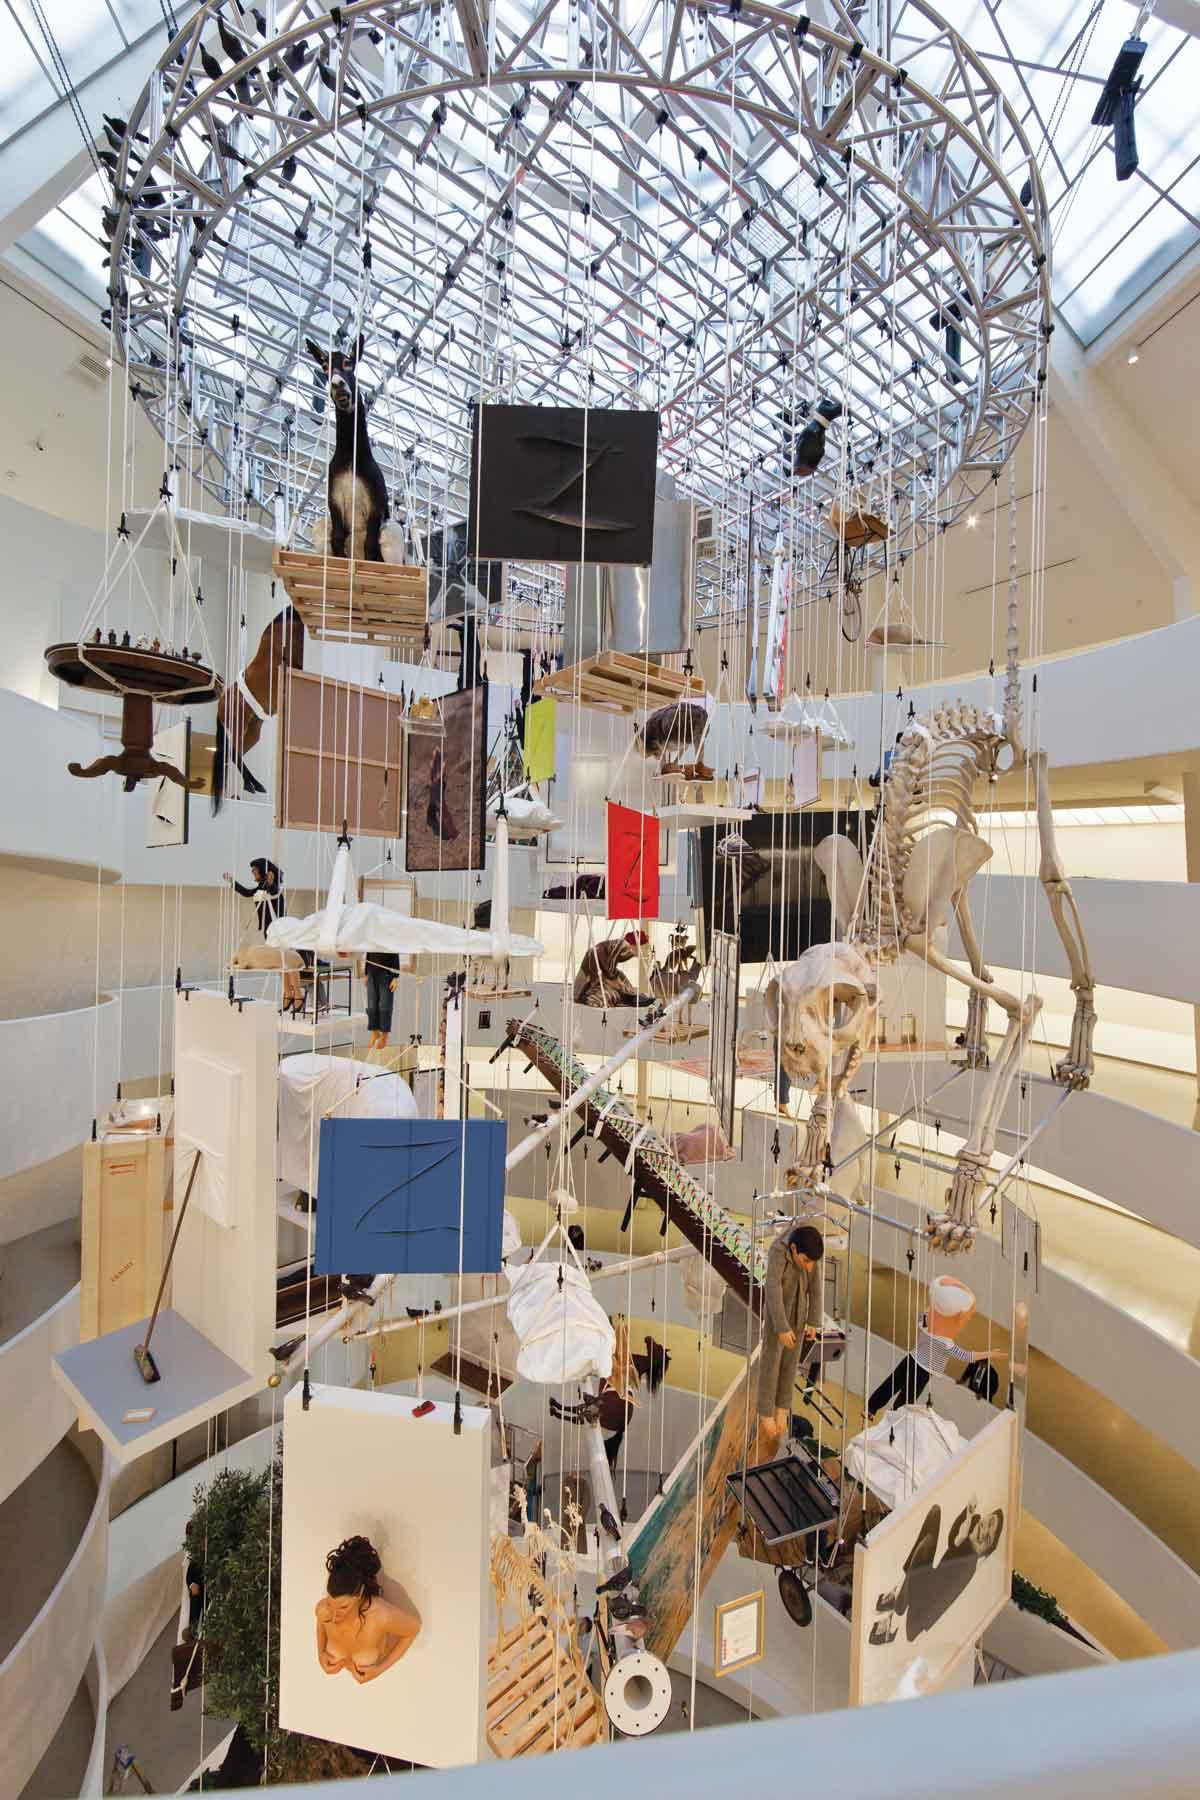 """Installation view: """"Maurizio Cattelan: All,"""" Solomon R. Guggenheim Museum, (November 4, 2011 - January 22, 2012). Photo: David Heald. © Solomon R. Guggenheim Foundation."""